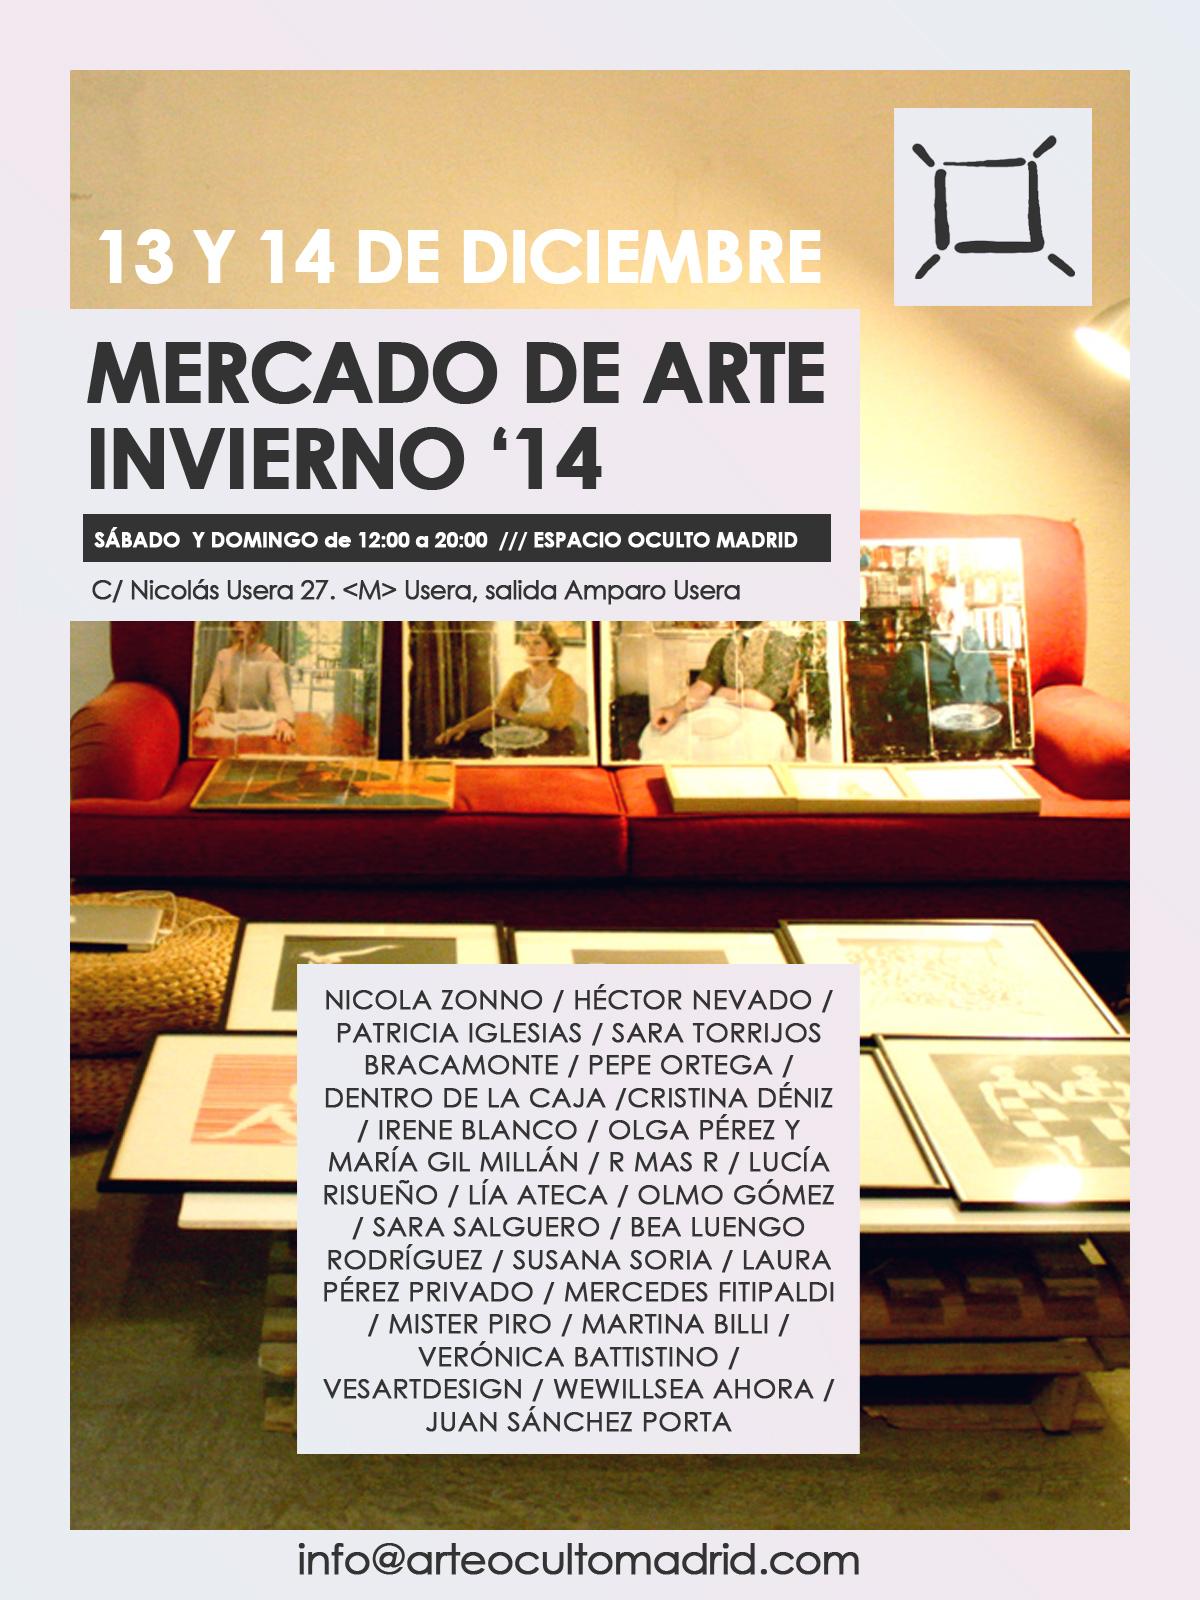 Mercado de Arte Invierno '14